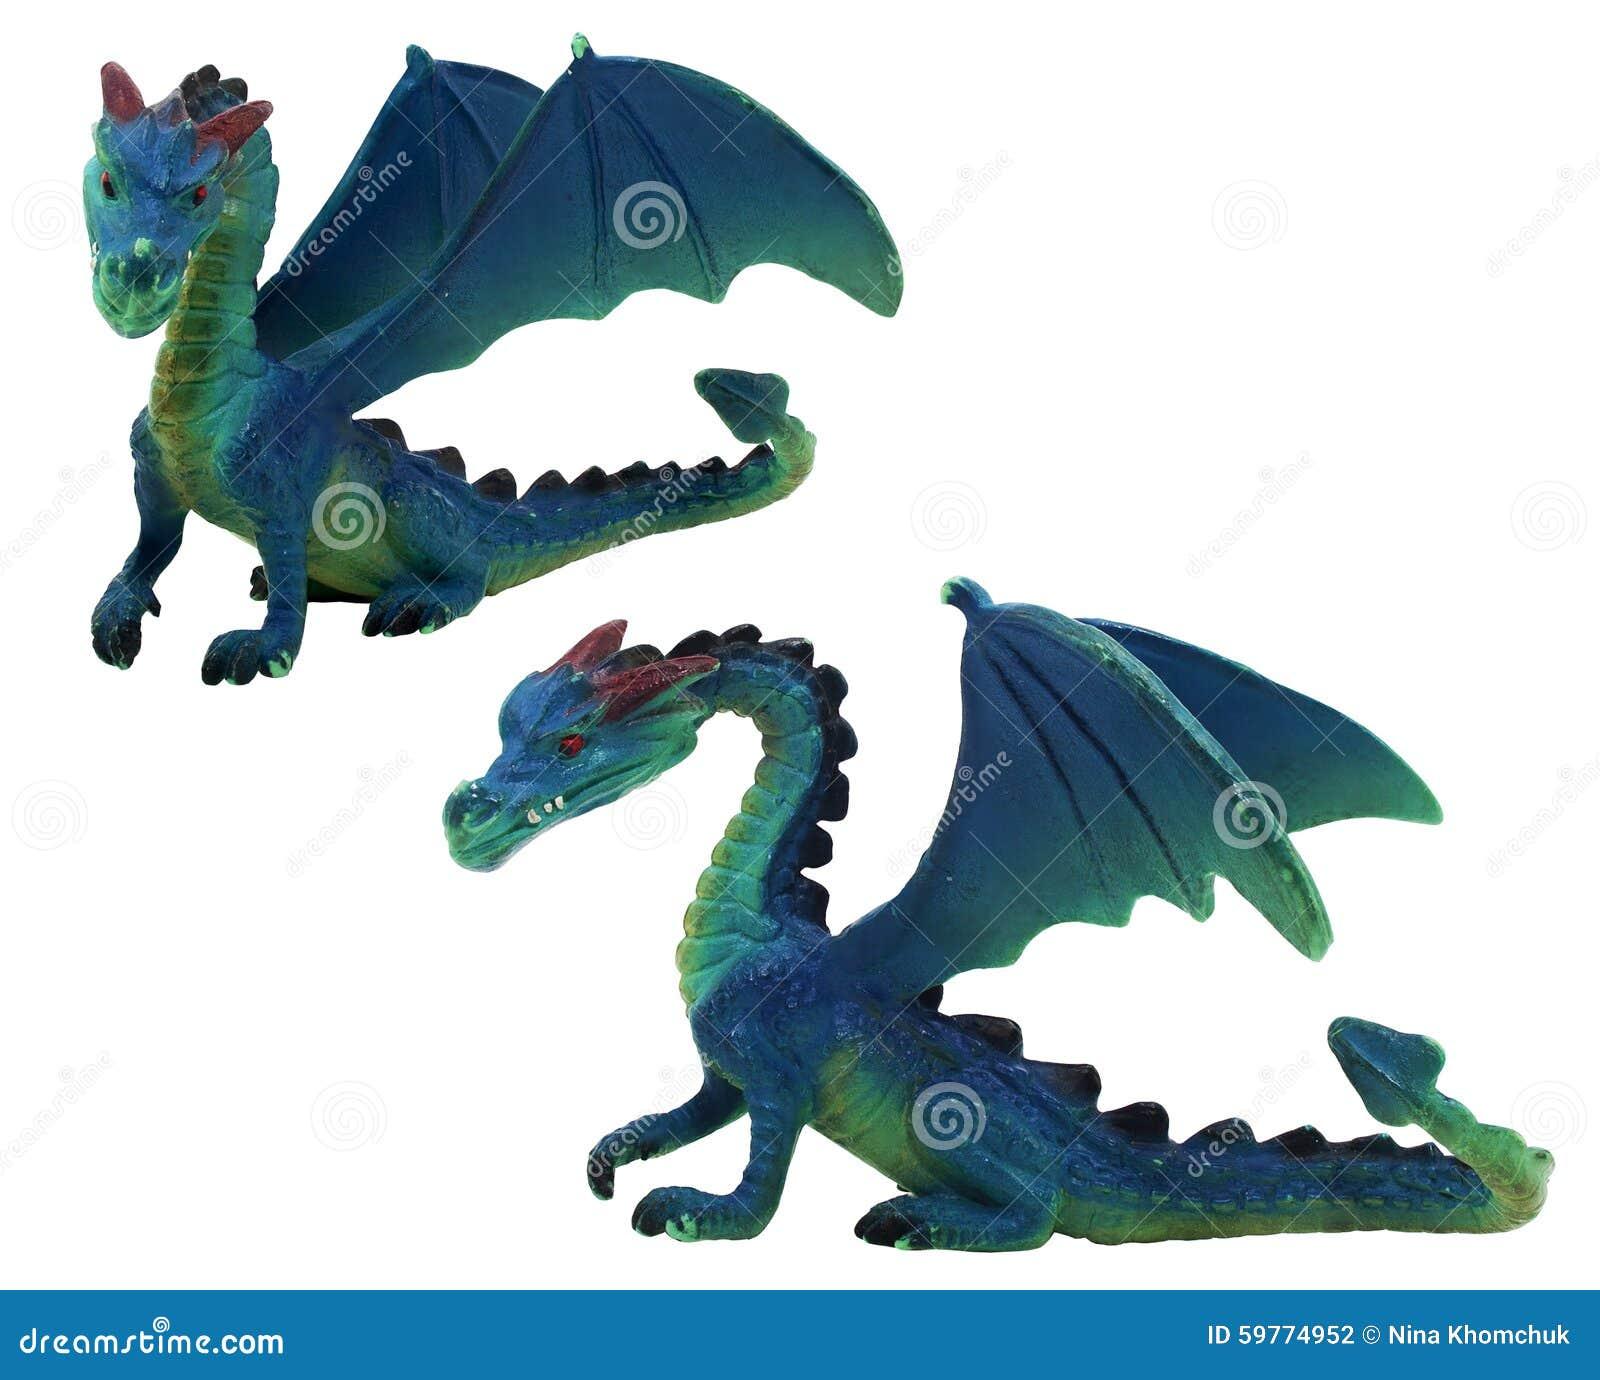 Origami Dragon | Dragon City Wiki | Fandom | 1138x1300